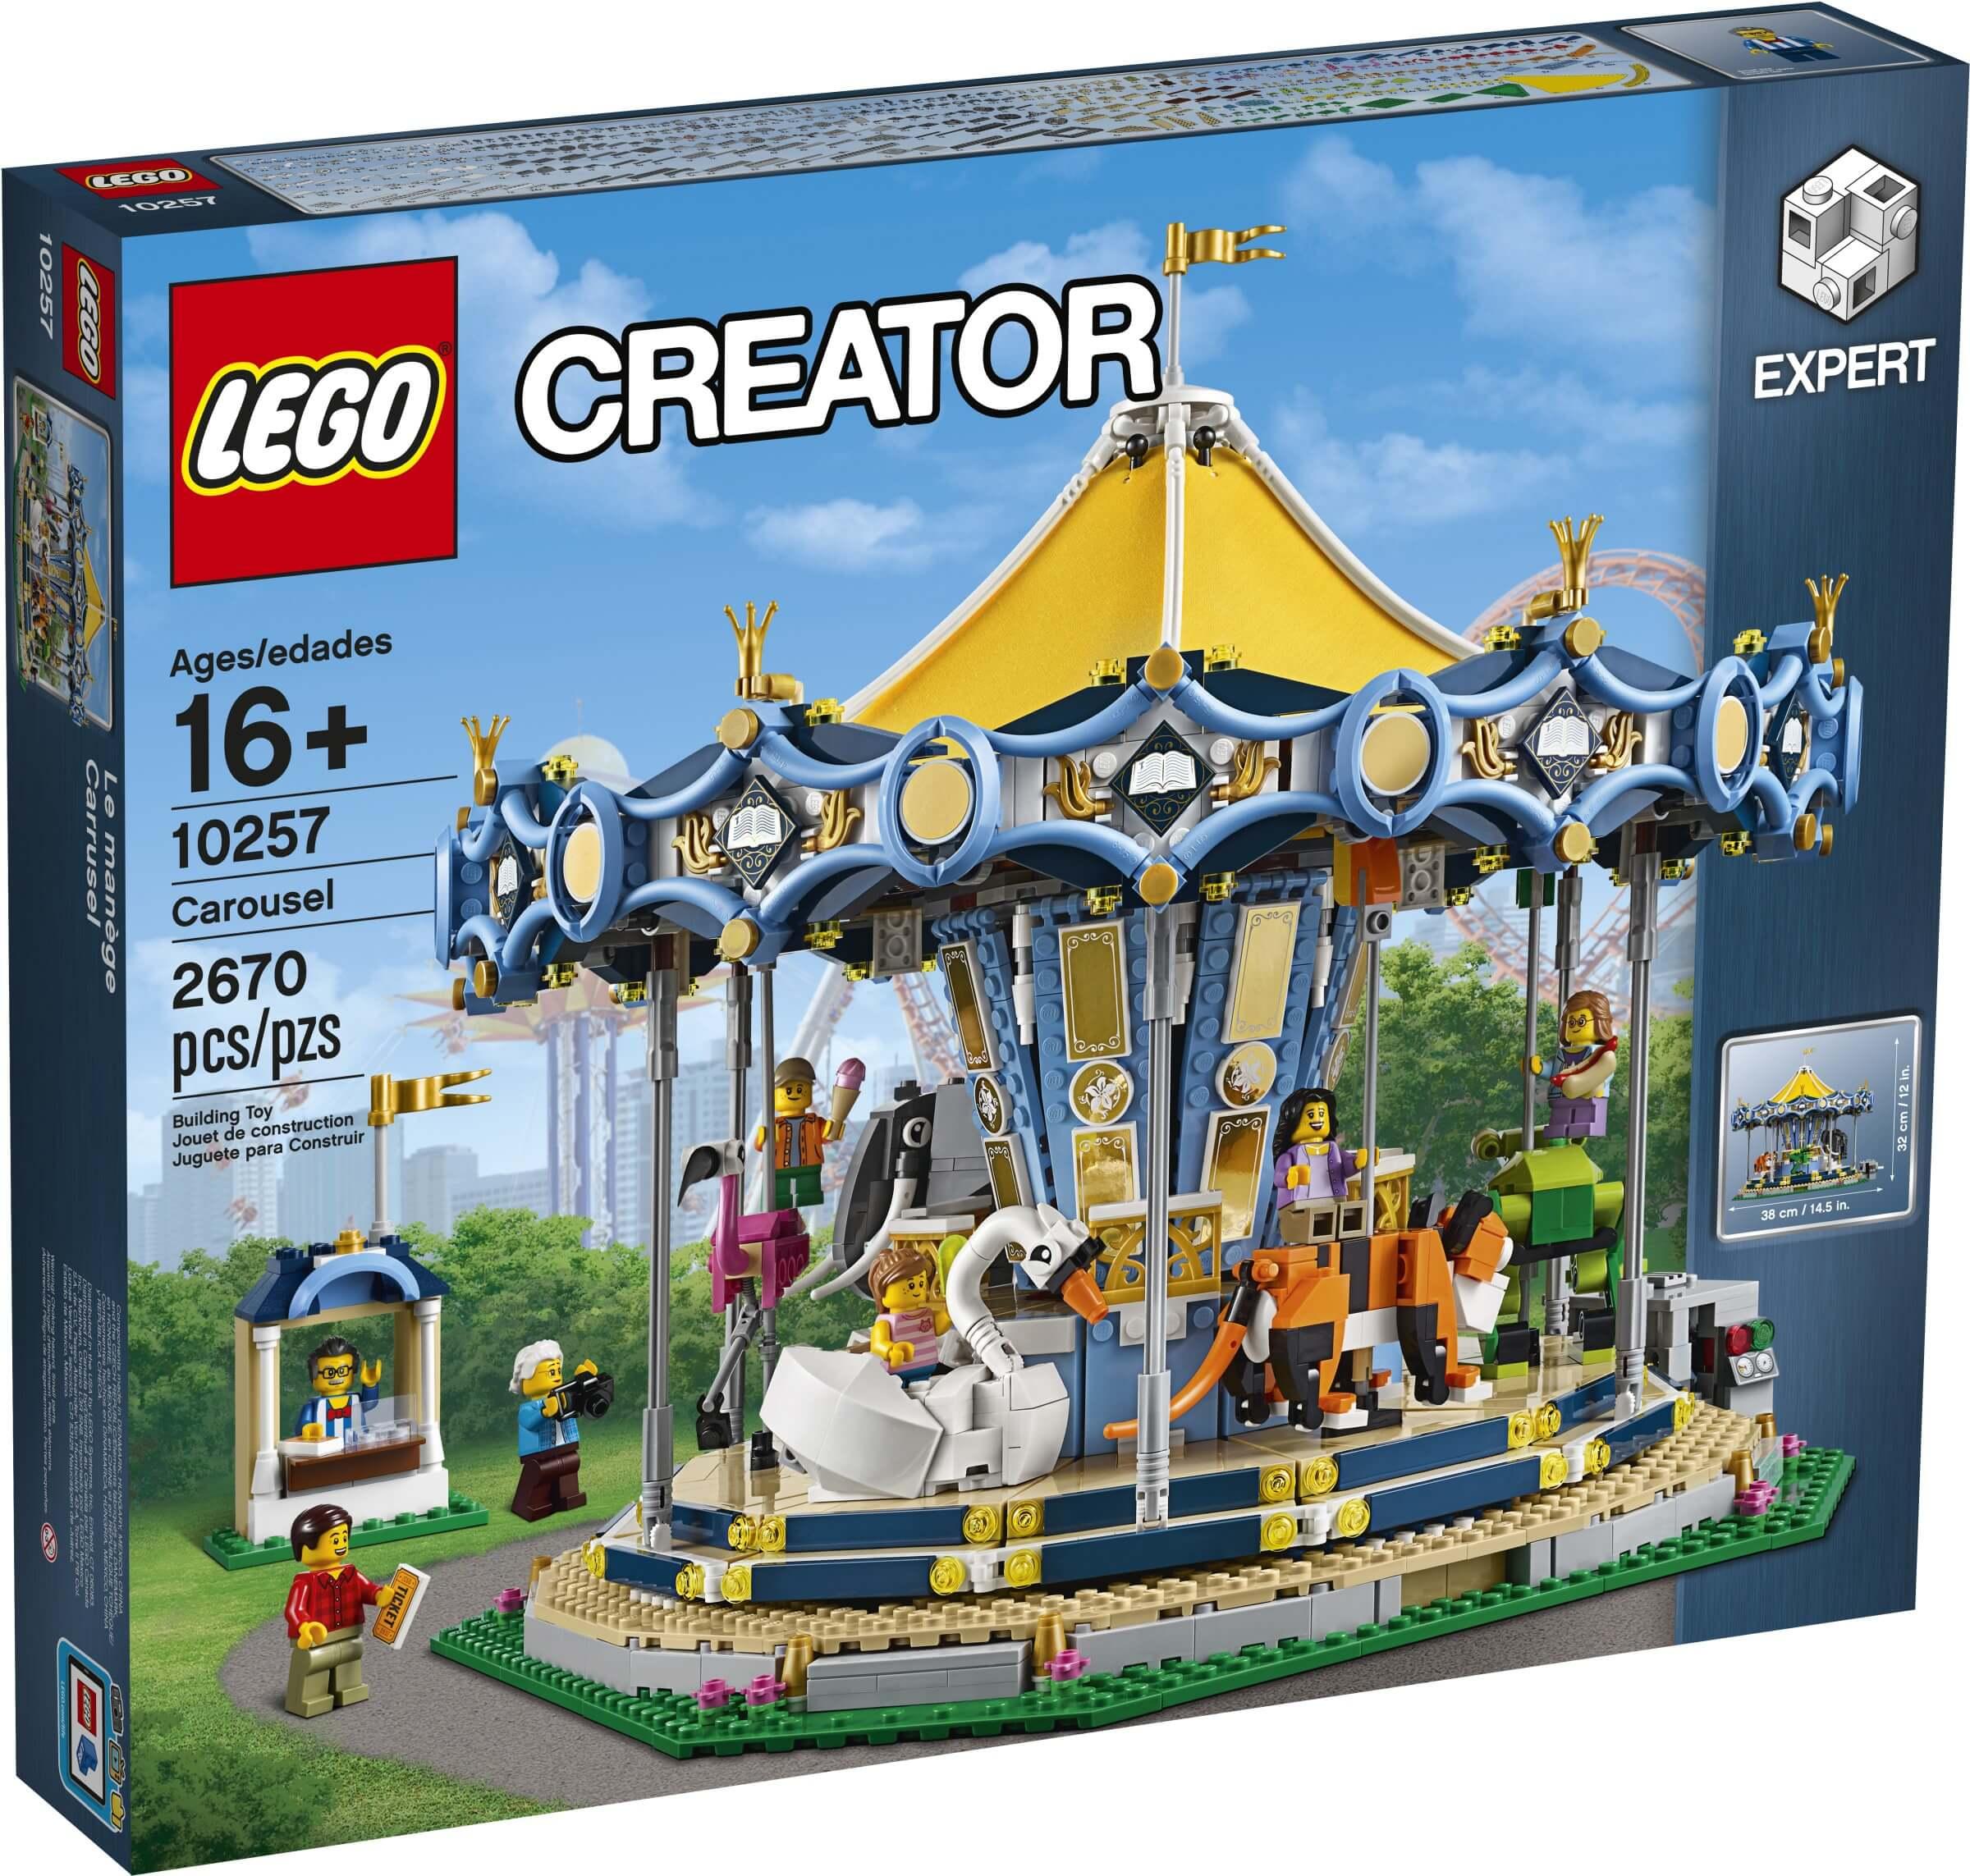 Mua đồ chơi LEGO 10257 - LEGO Creator 10257 - Vòng Quay Thú Nhún Khổng Lồ (LEGO Creator Expert Carousel)